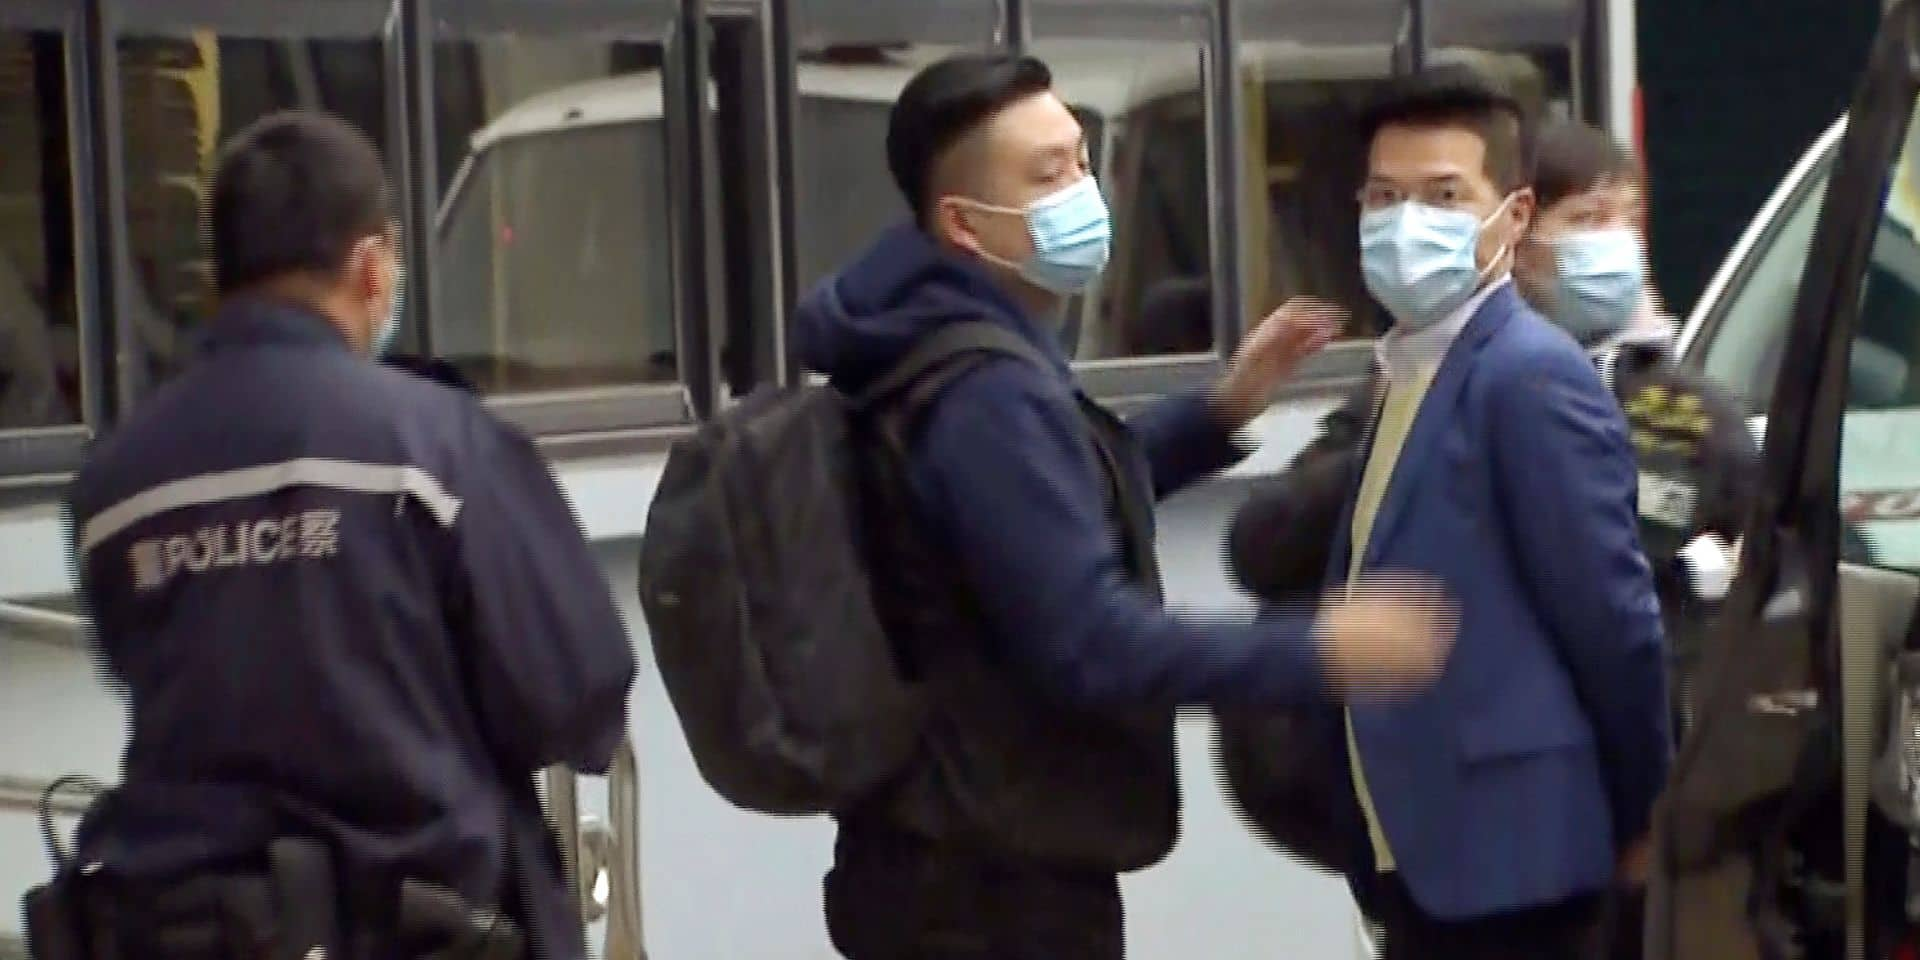 L'UE s'inquiète de la répression à Hong Kong, mais reste prudente sur les sanctions